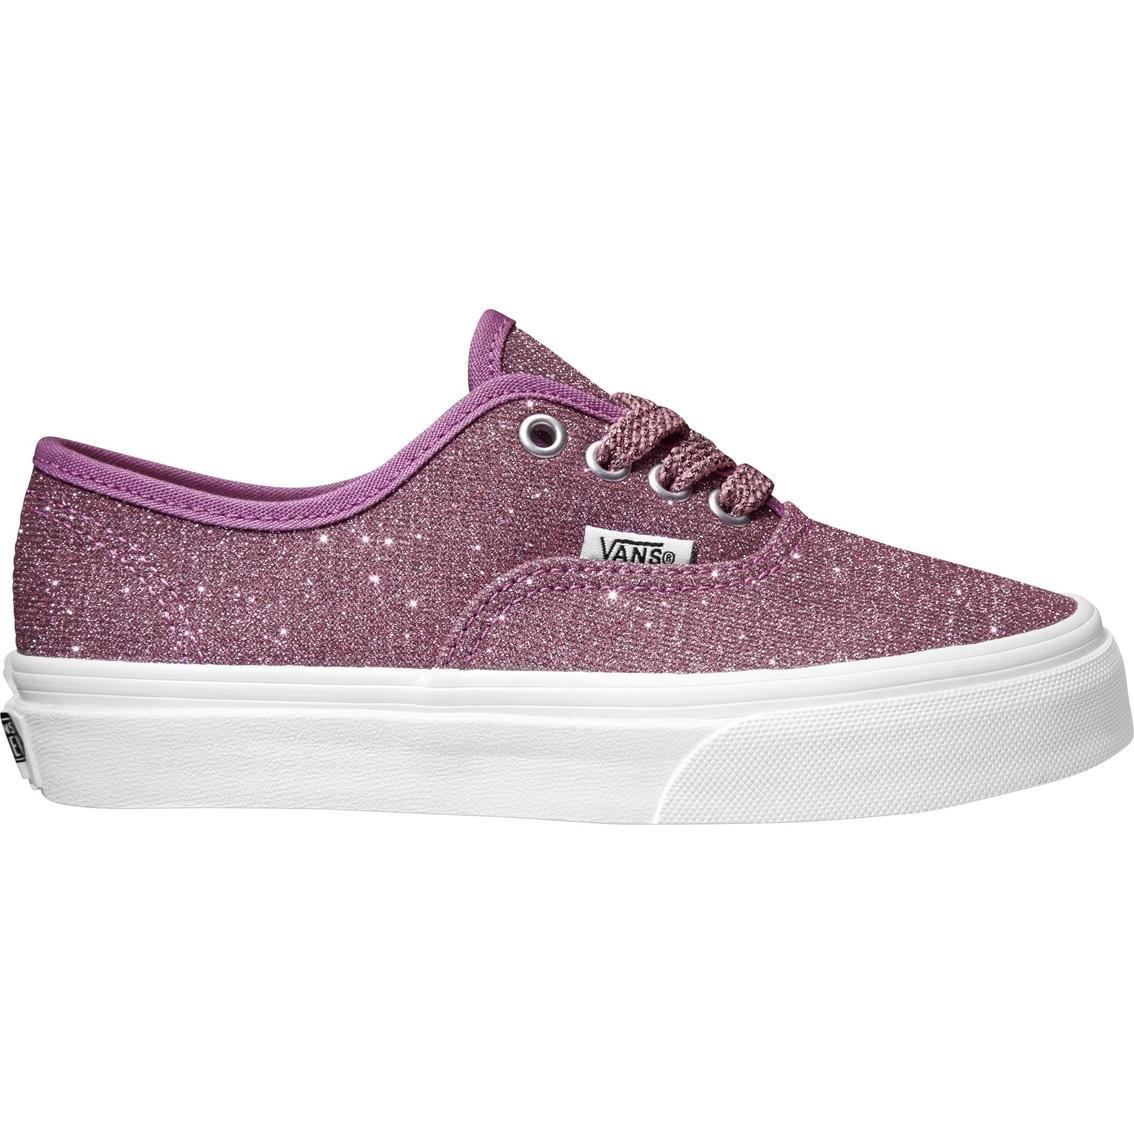 a27e7995d33 Vans Girls Authentic Lurex Glitter Shoes